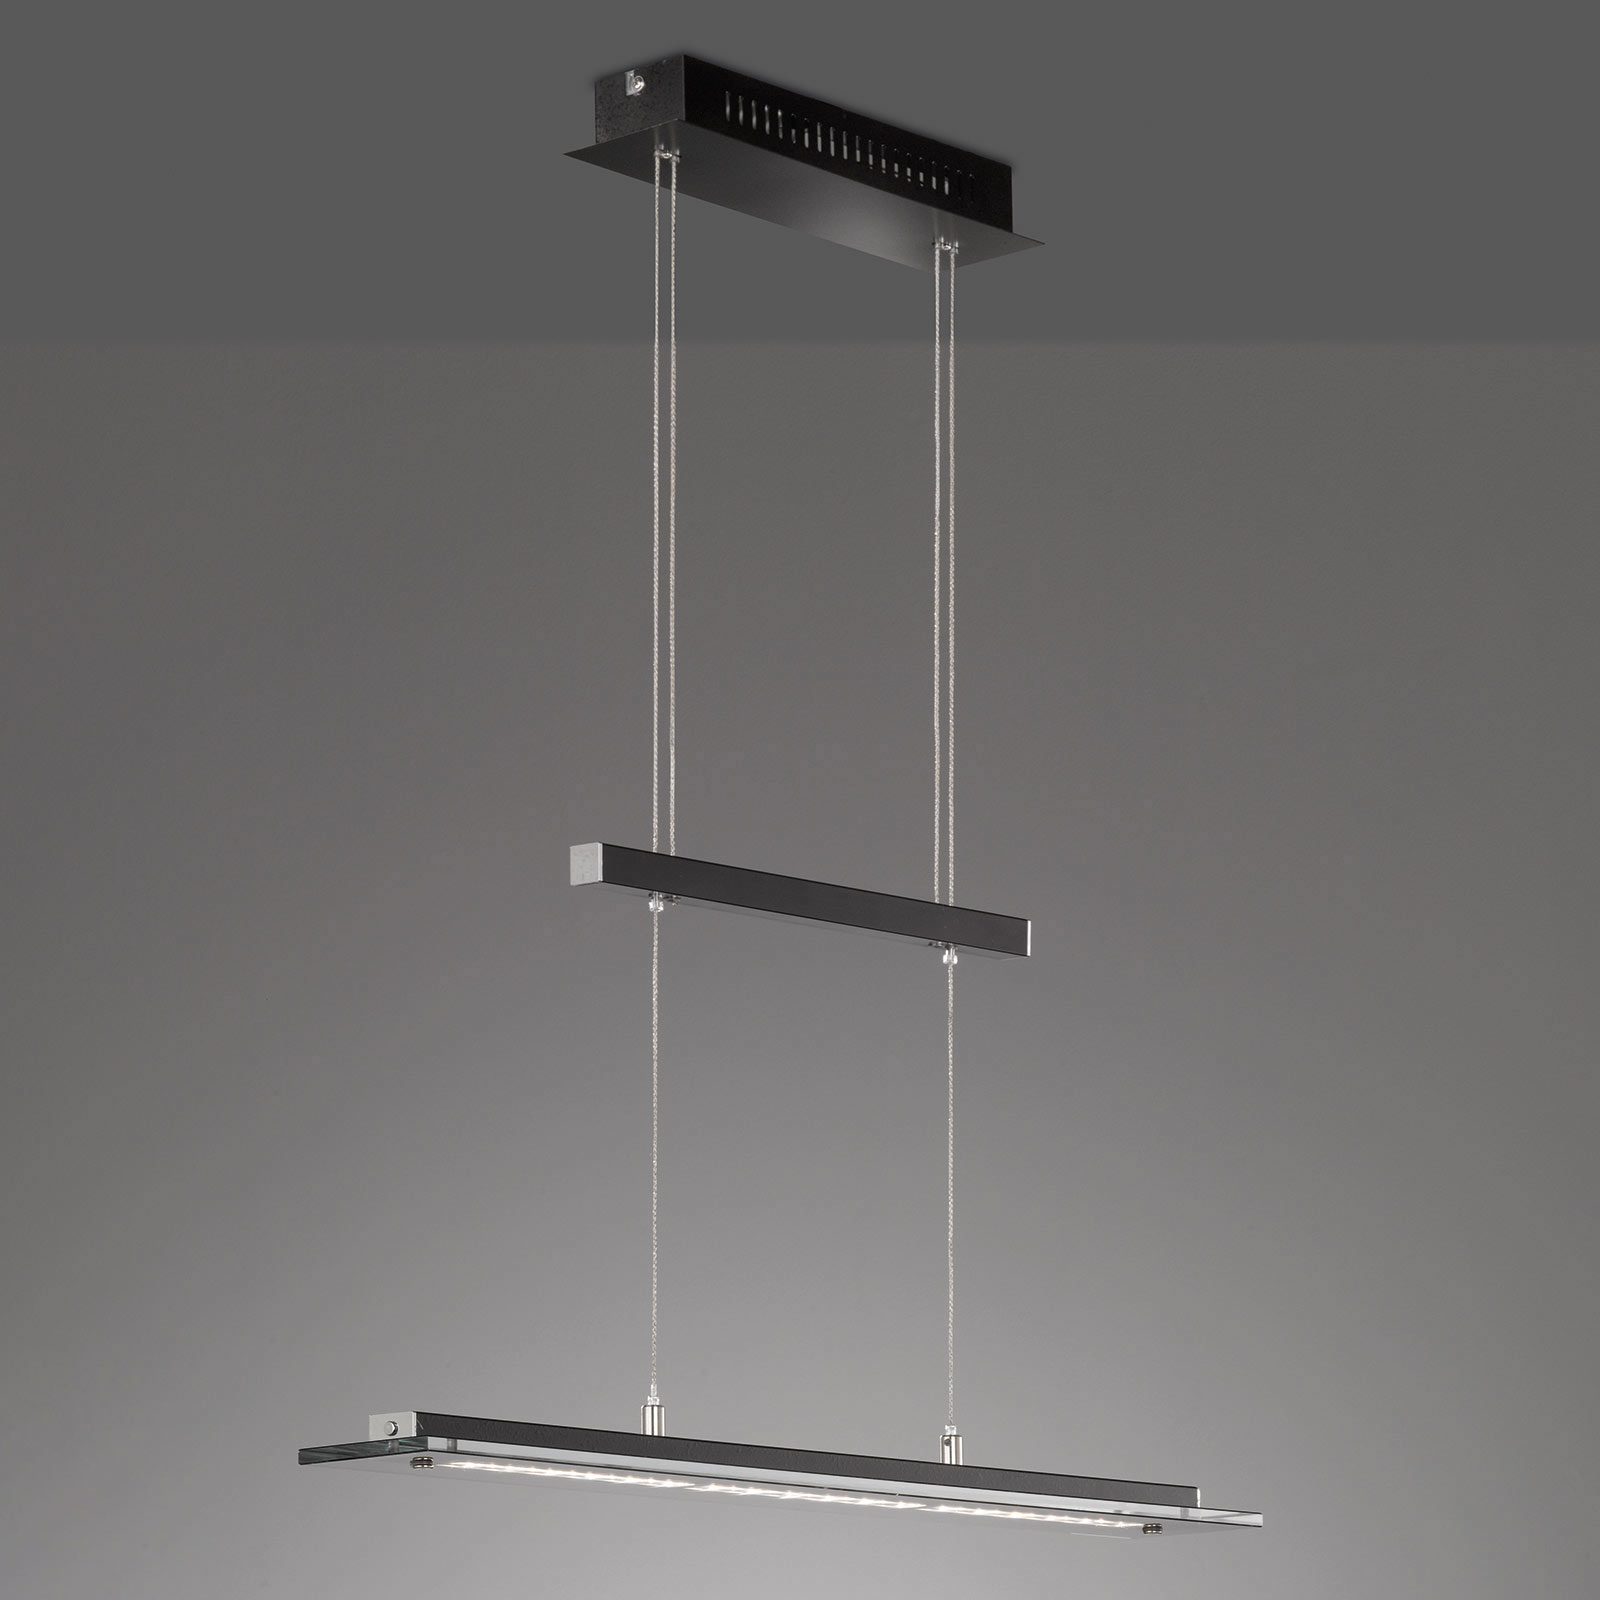 LED hanglamp Tenso TW met dimmer, zwart 88cm